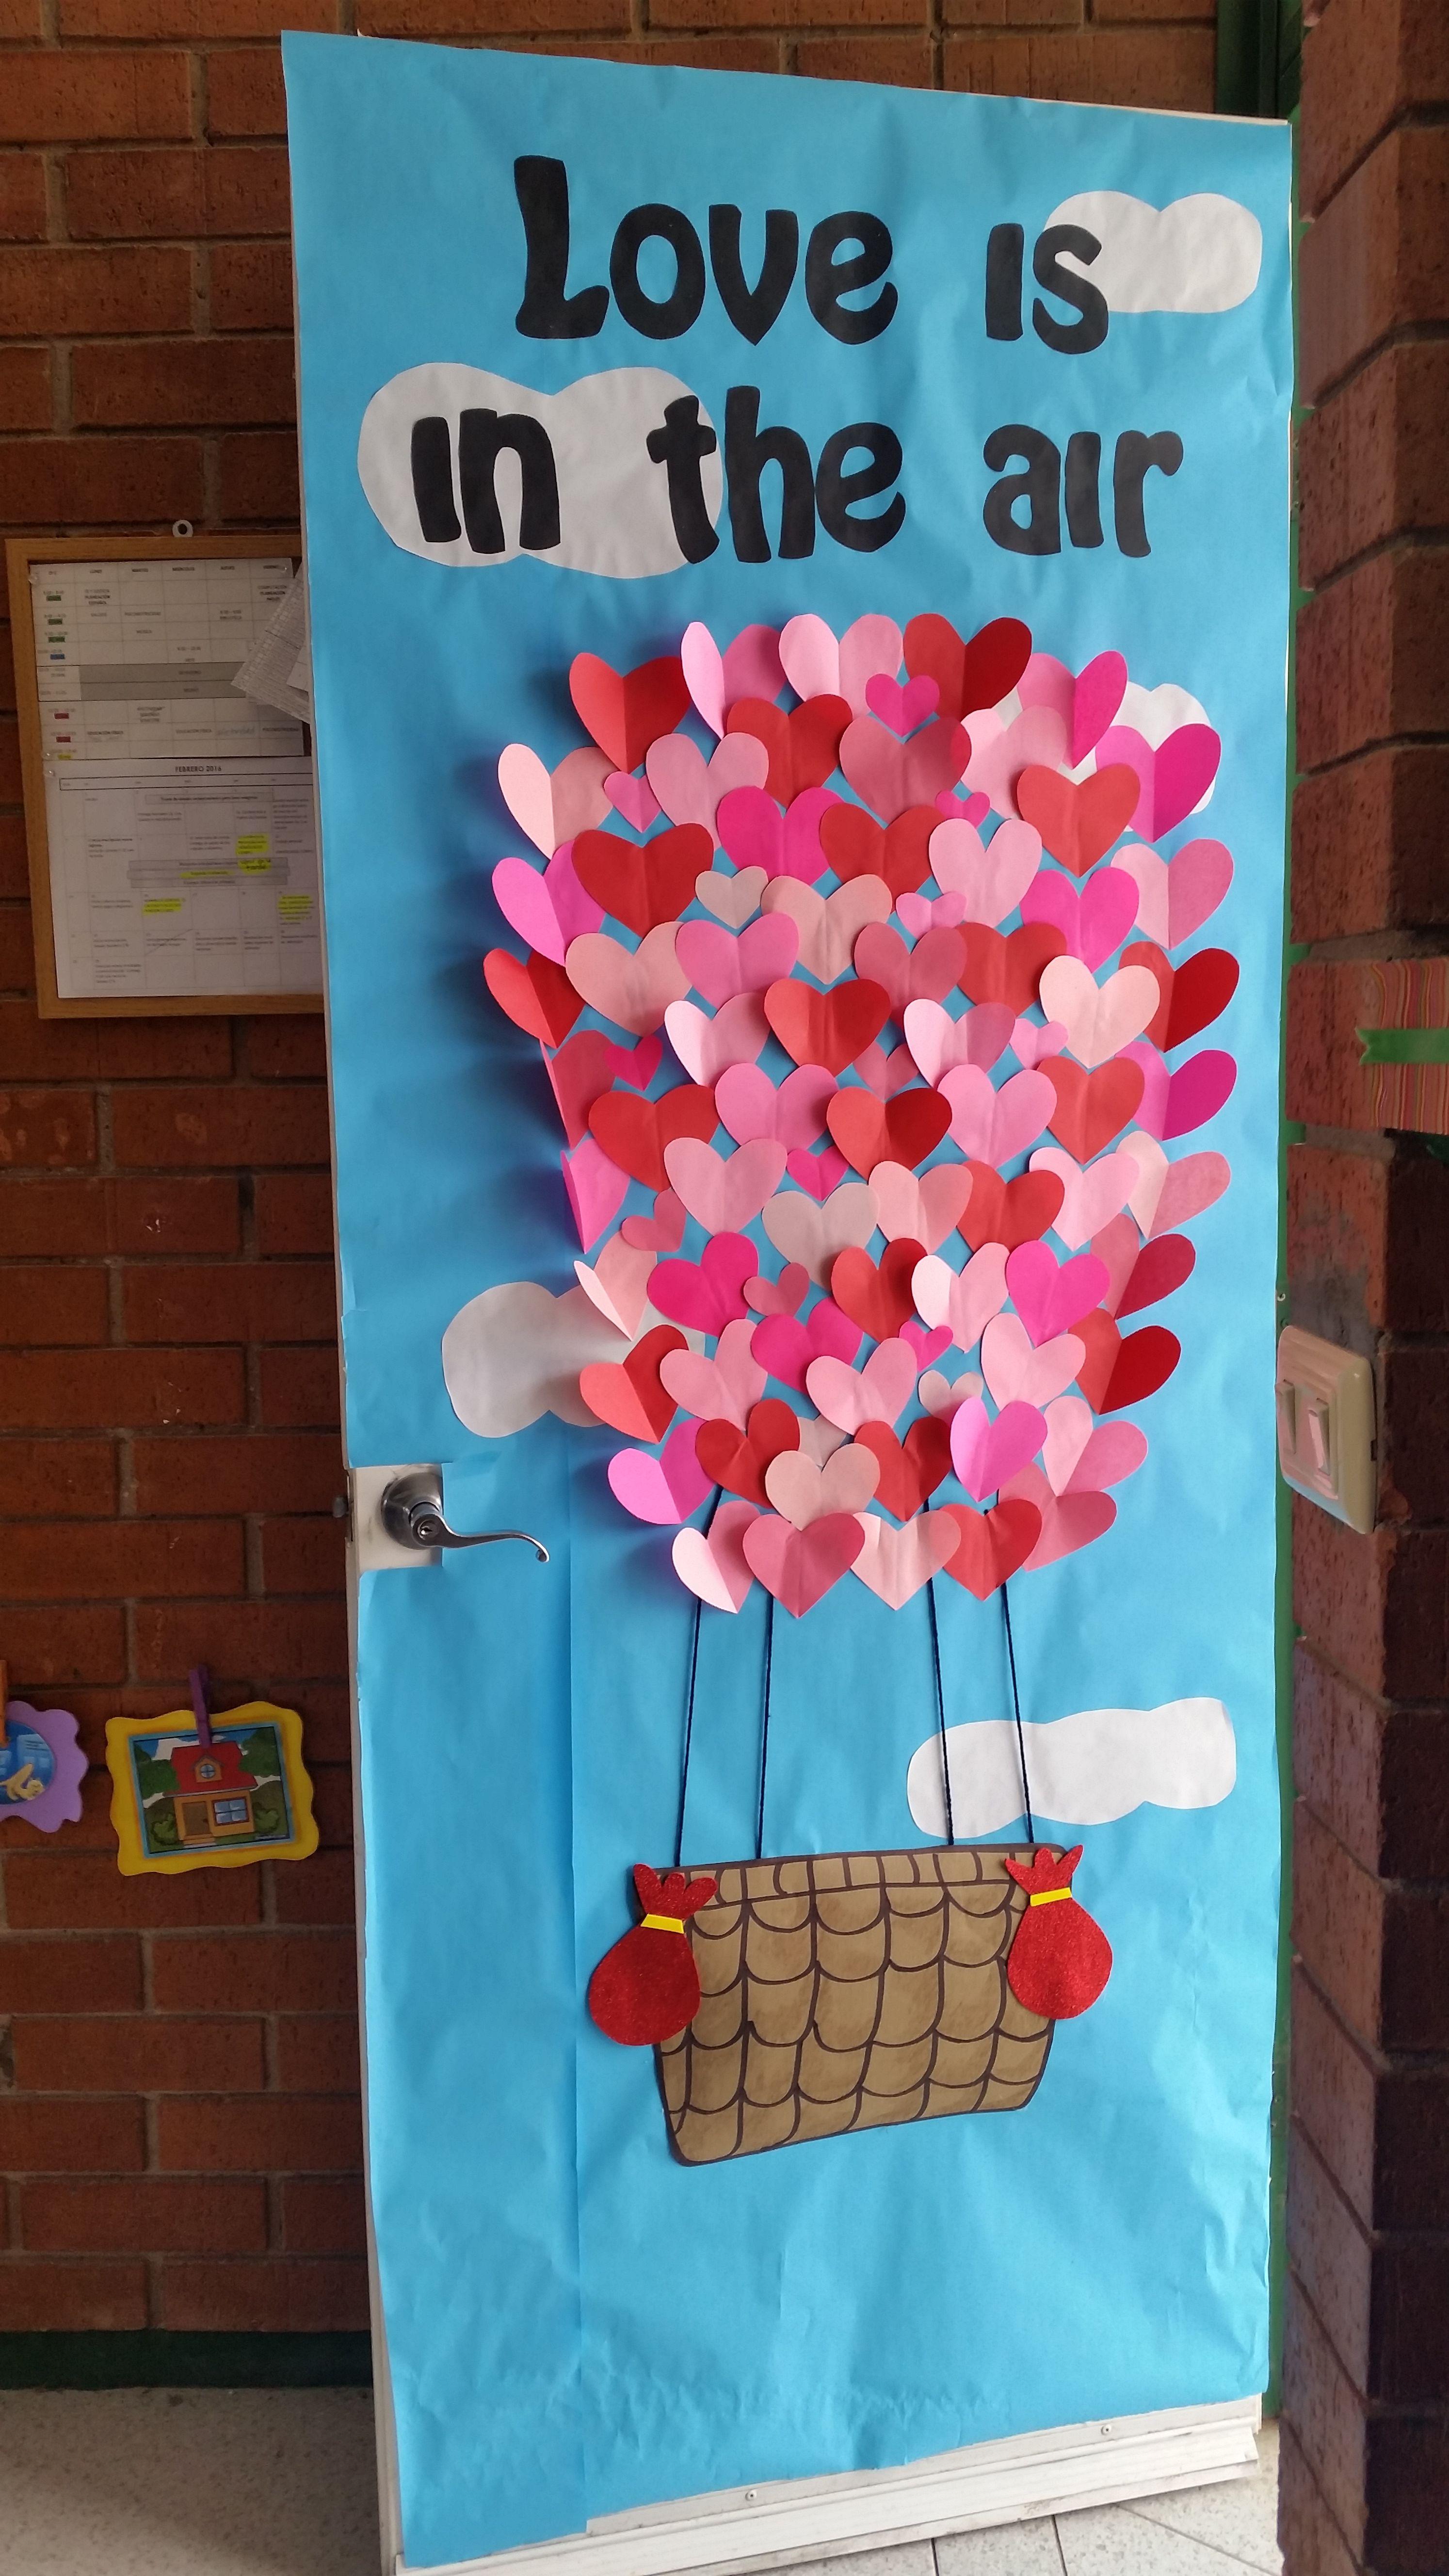 Amistad Madera Febrero De Del Febrero 14 De El Arreglos Dia De Caja 14 Y Amor Para En La